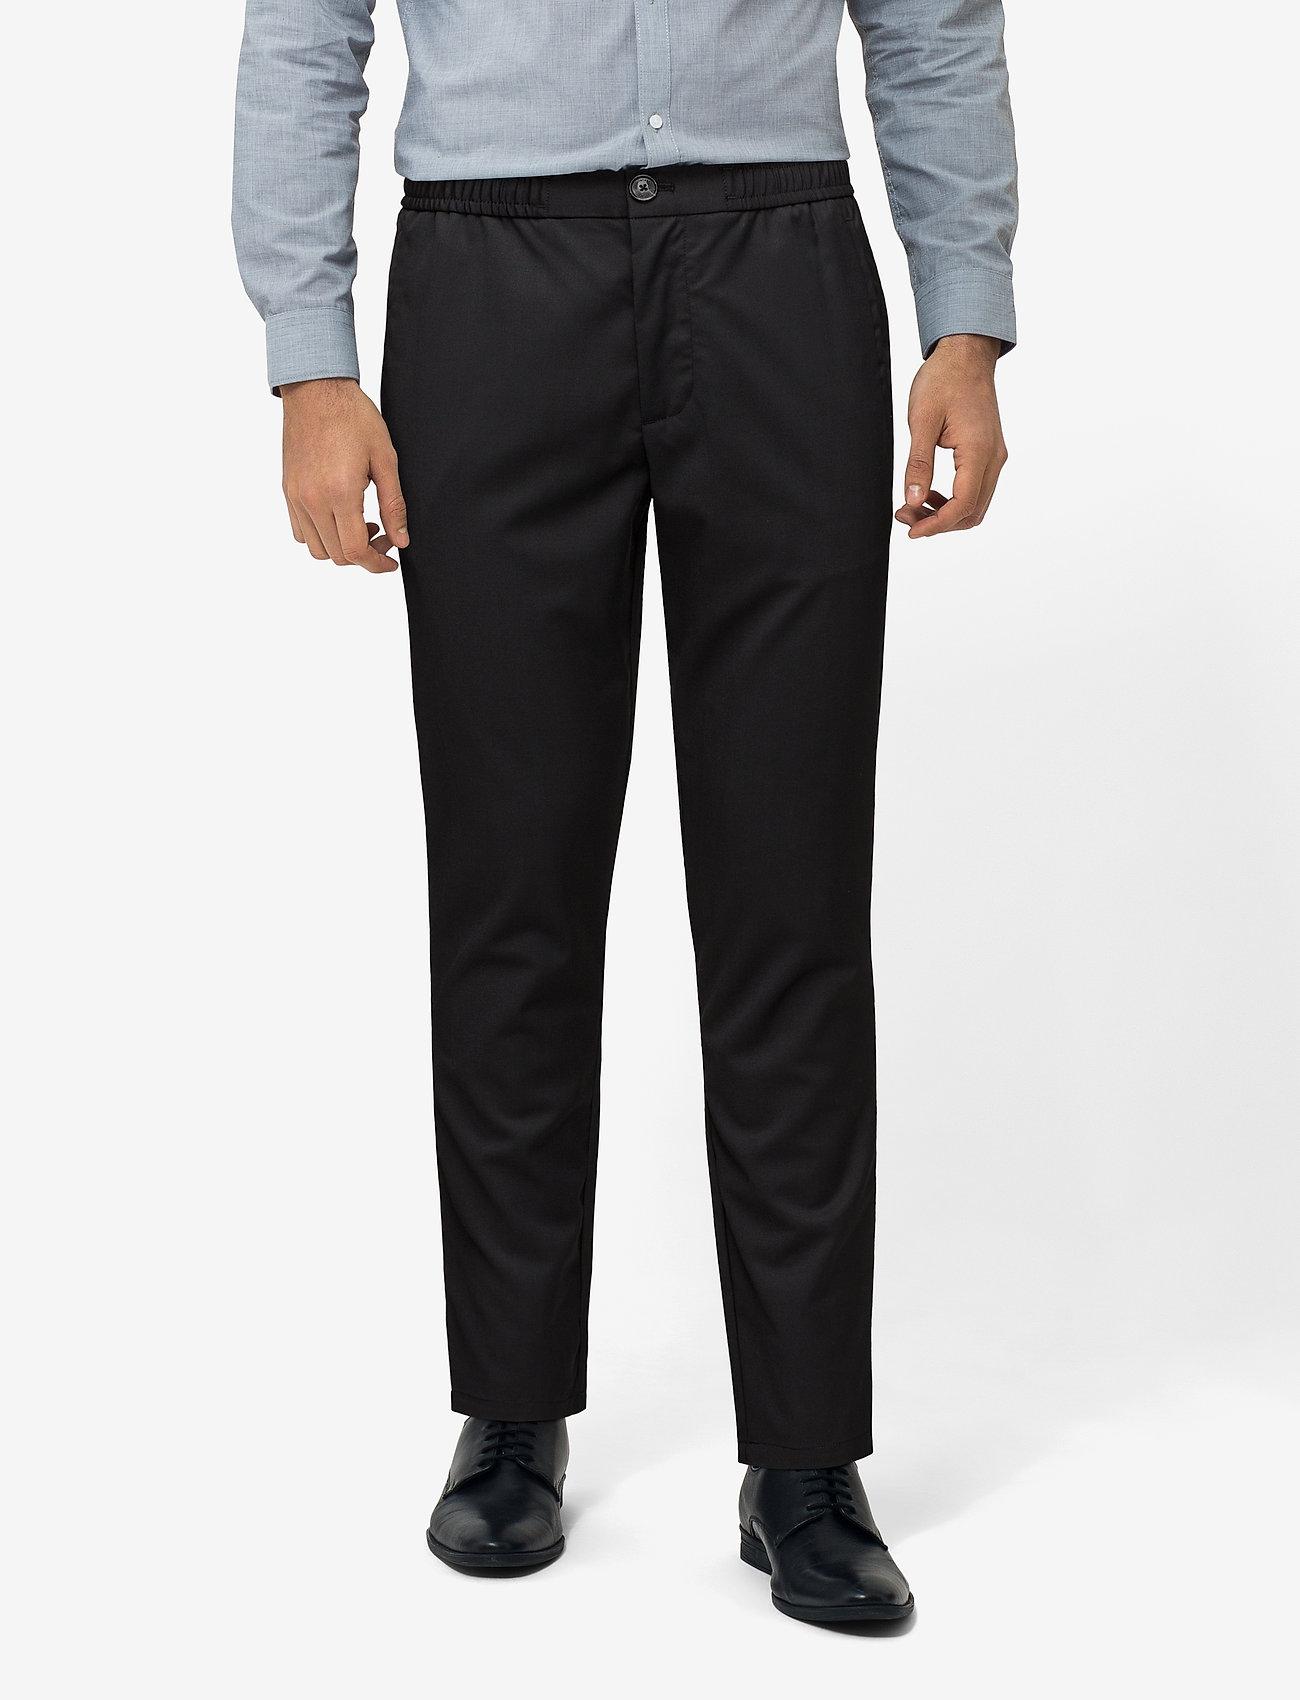 Matinique Adken Pant Forest Stretch Suit